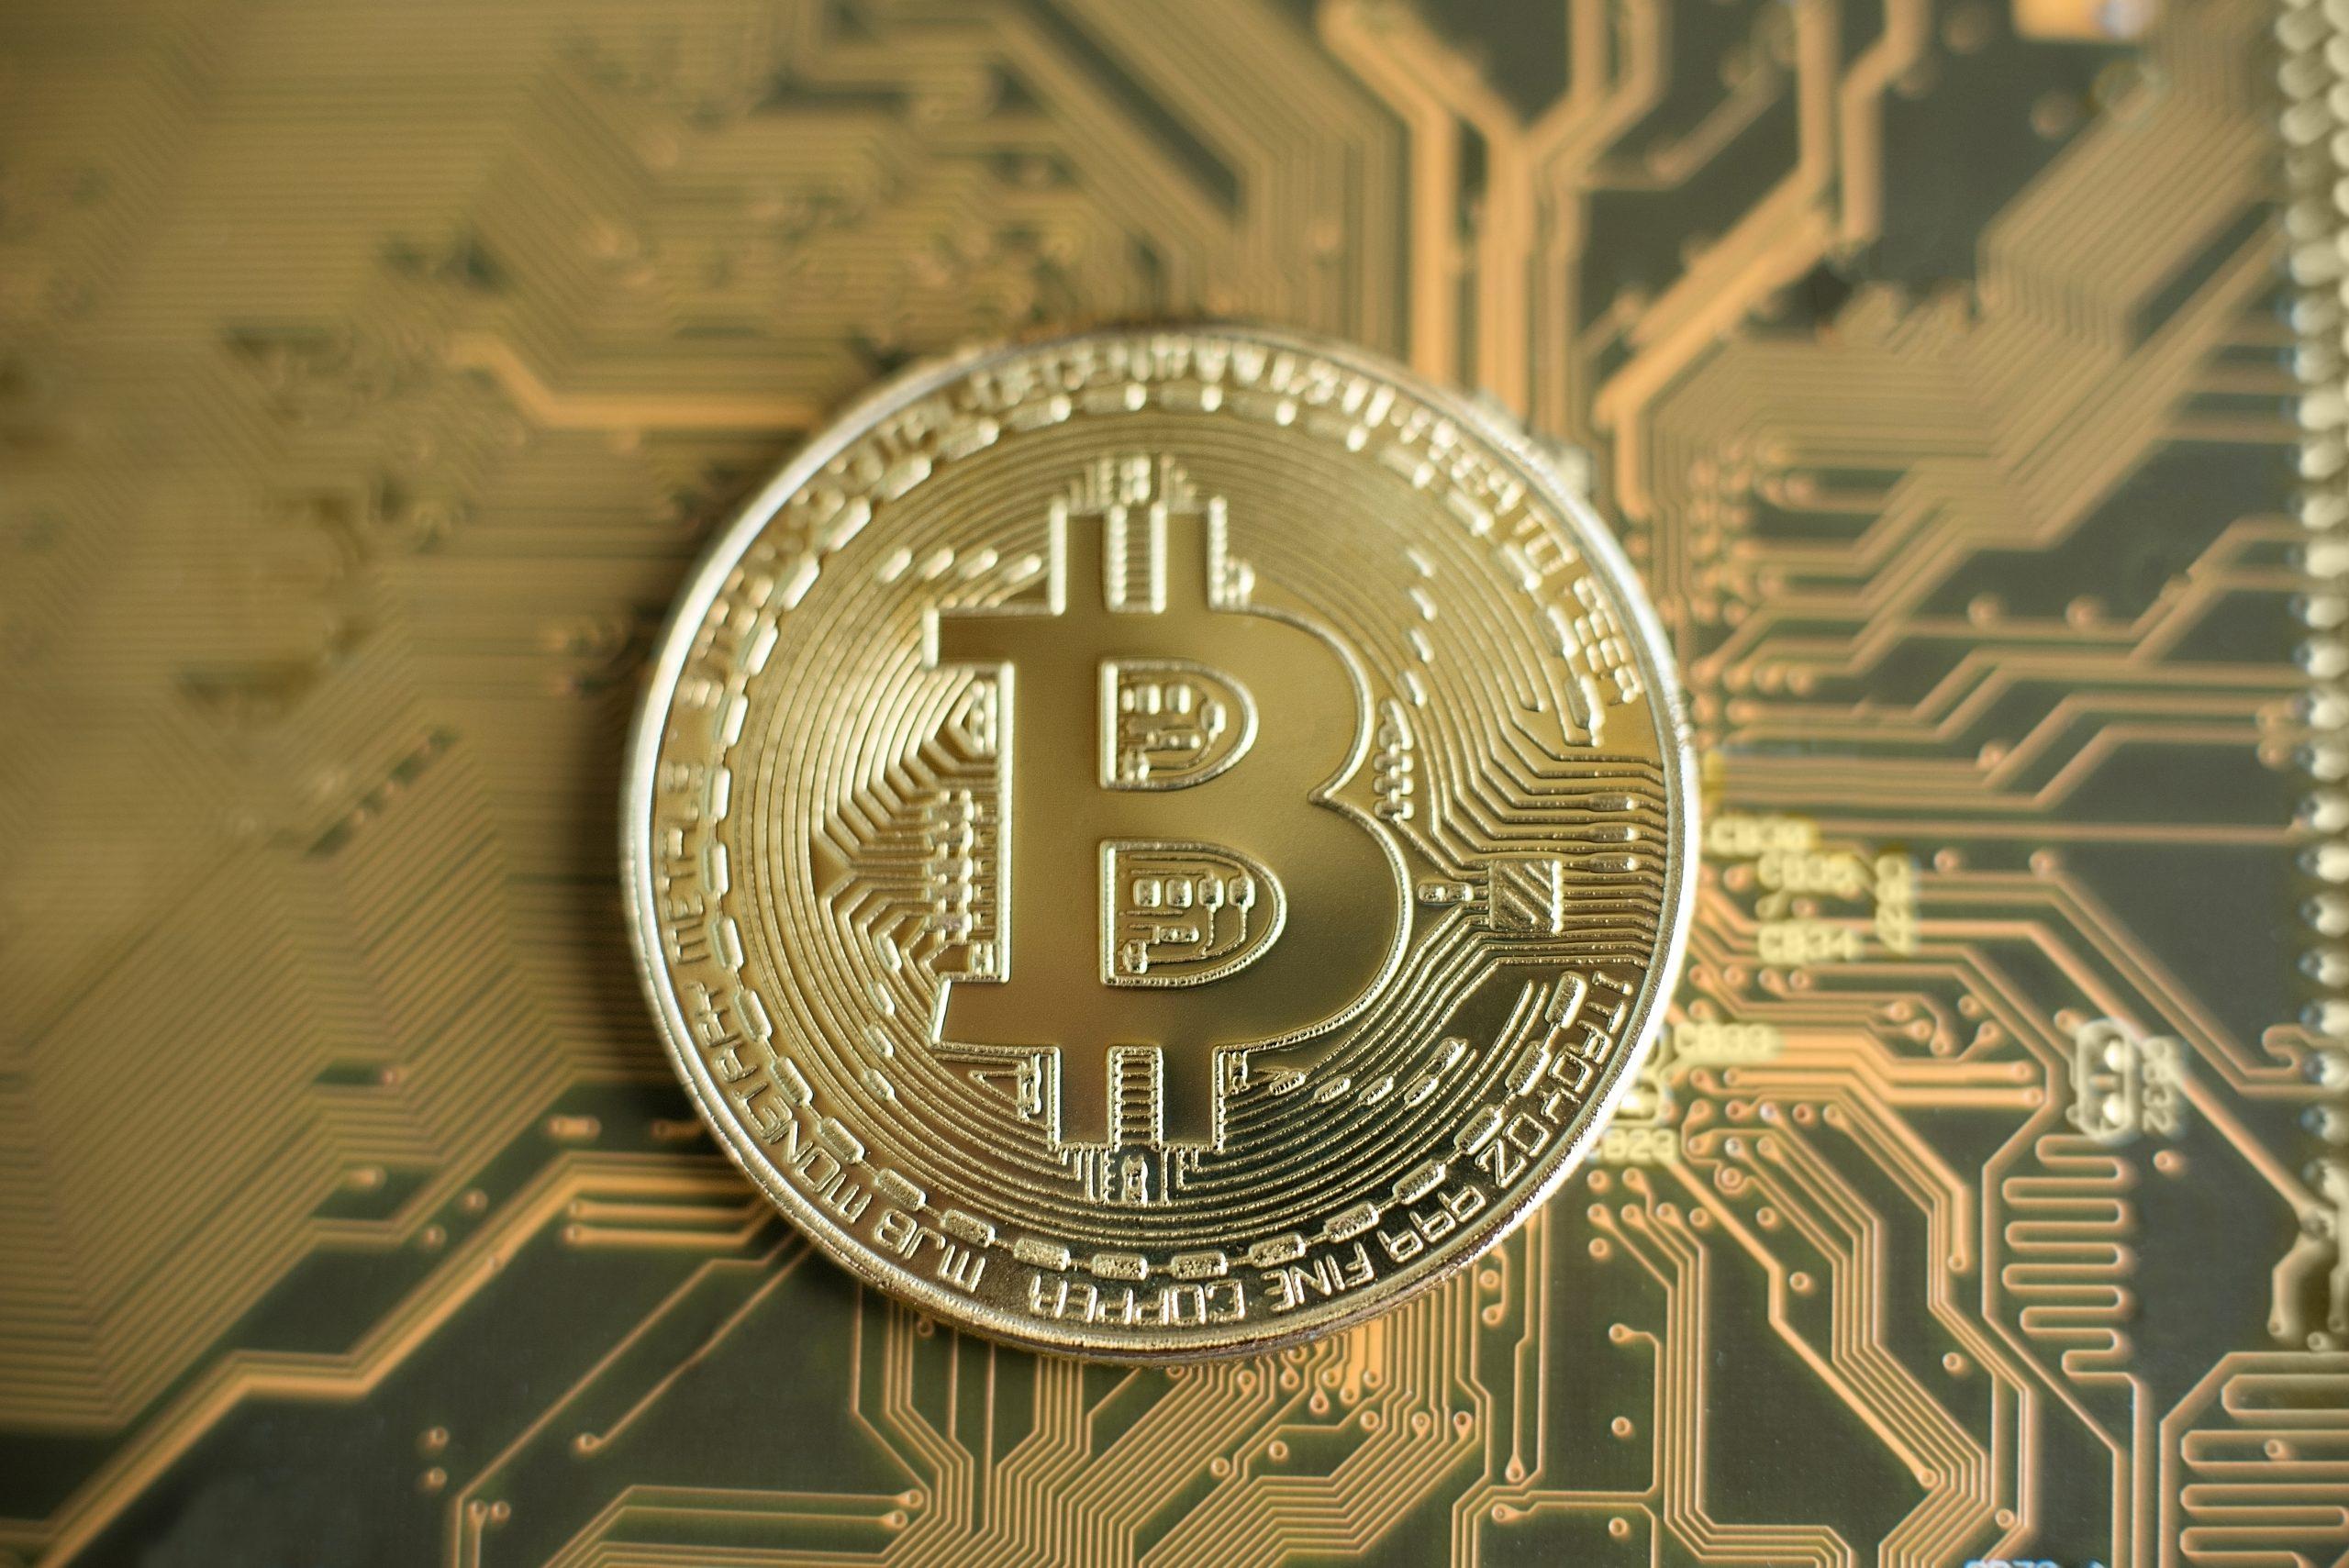 Si no fuera por Bitcoin, el oro costaría $ 3K